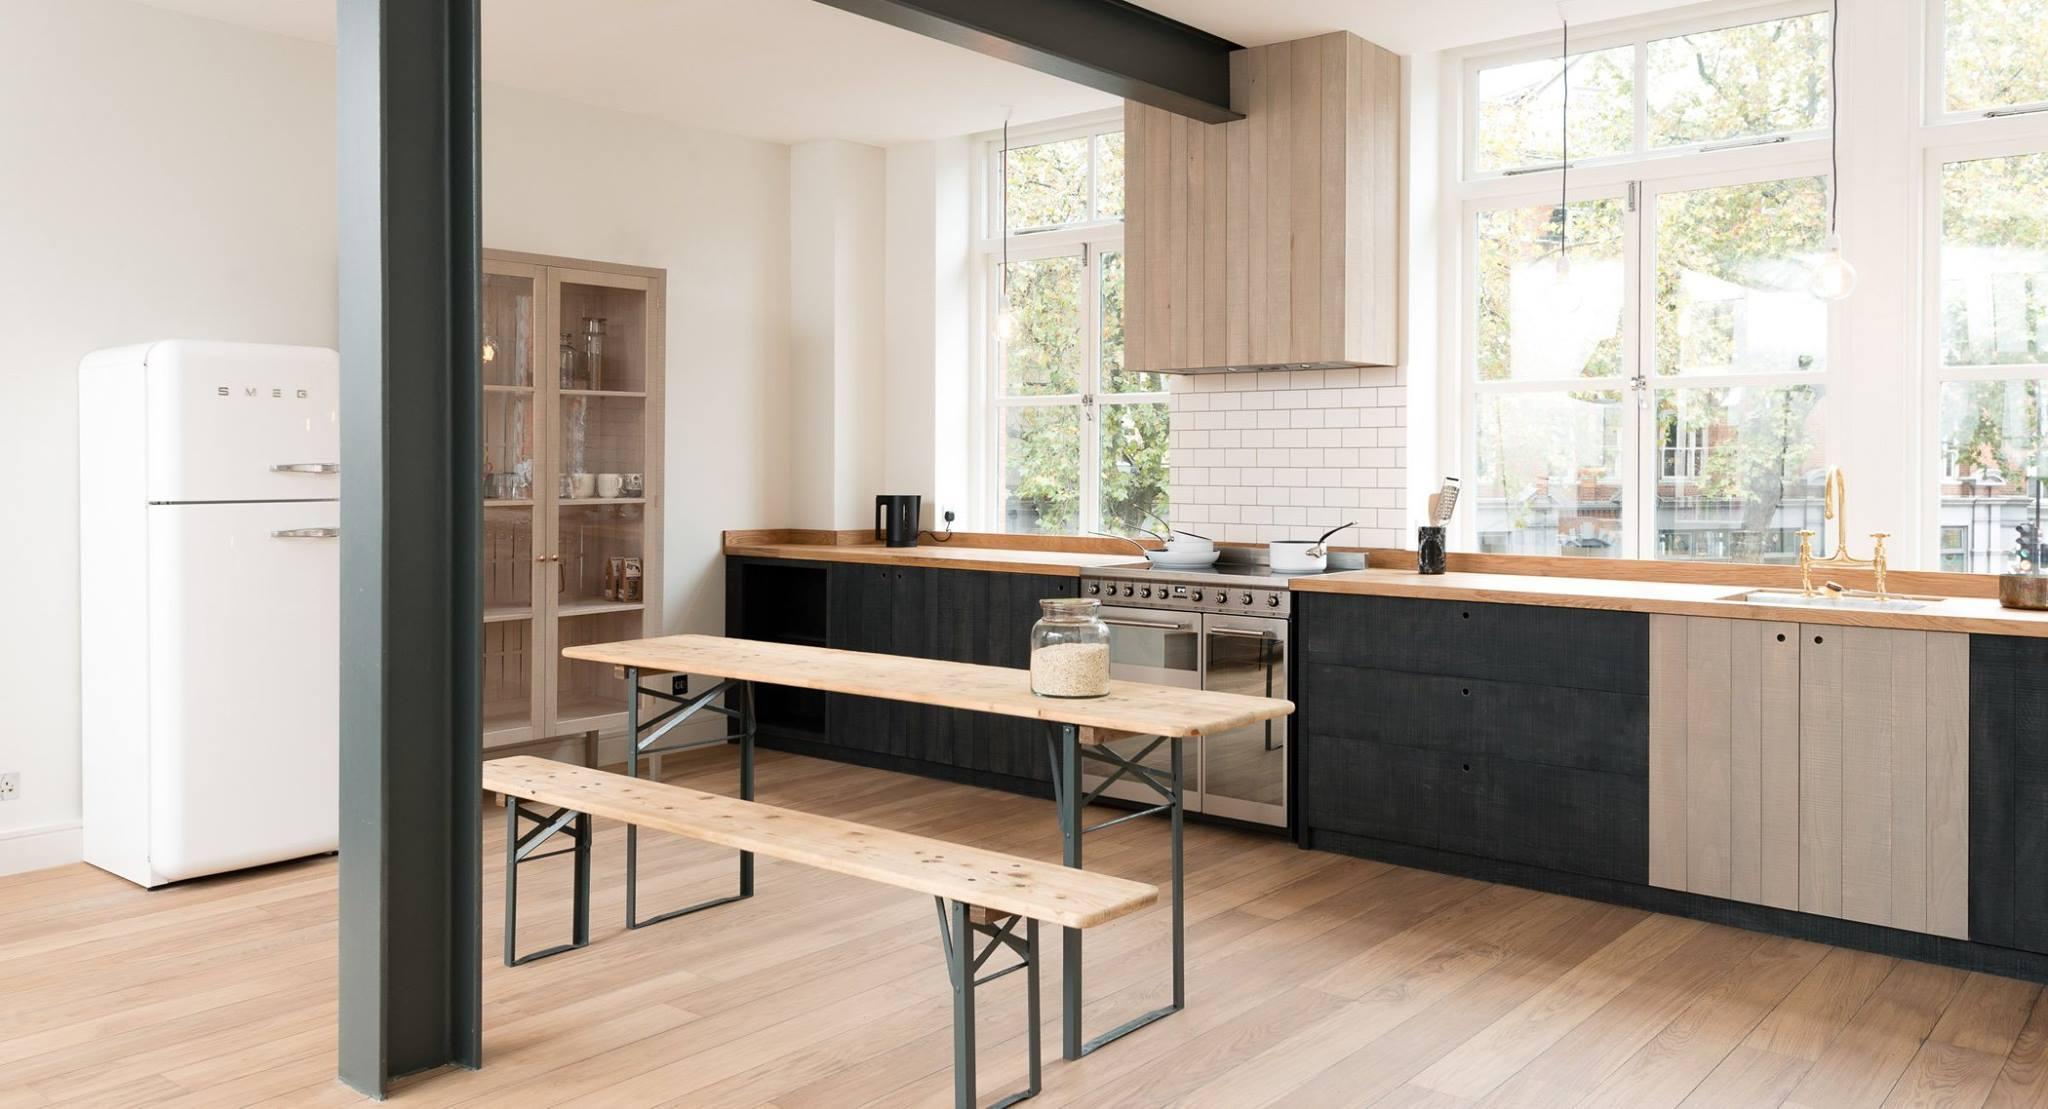 smeg,cocinas con estilo propio,electrodomesticos smeg, estilo nordico cocinas,cocinas modernas,cocinas vintage,cocinas tres cantos, 3 cantos cocinas